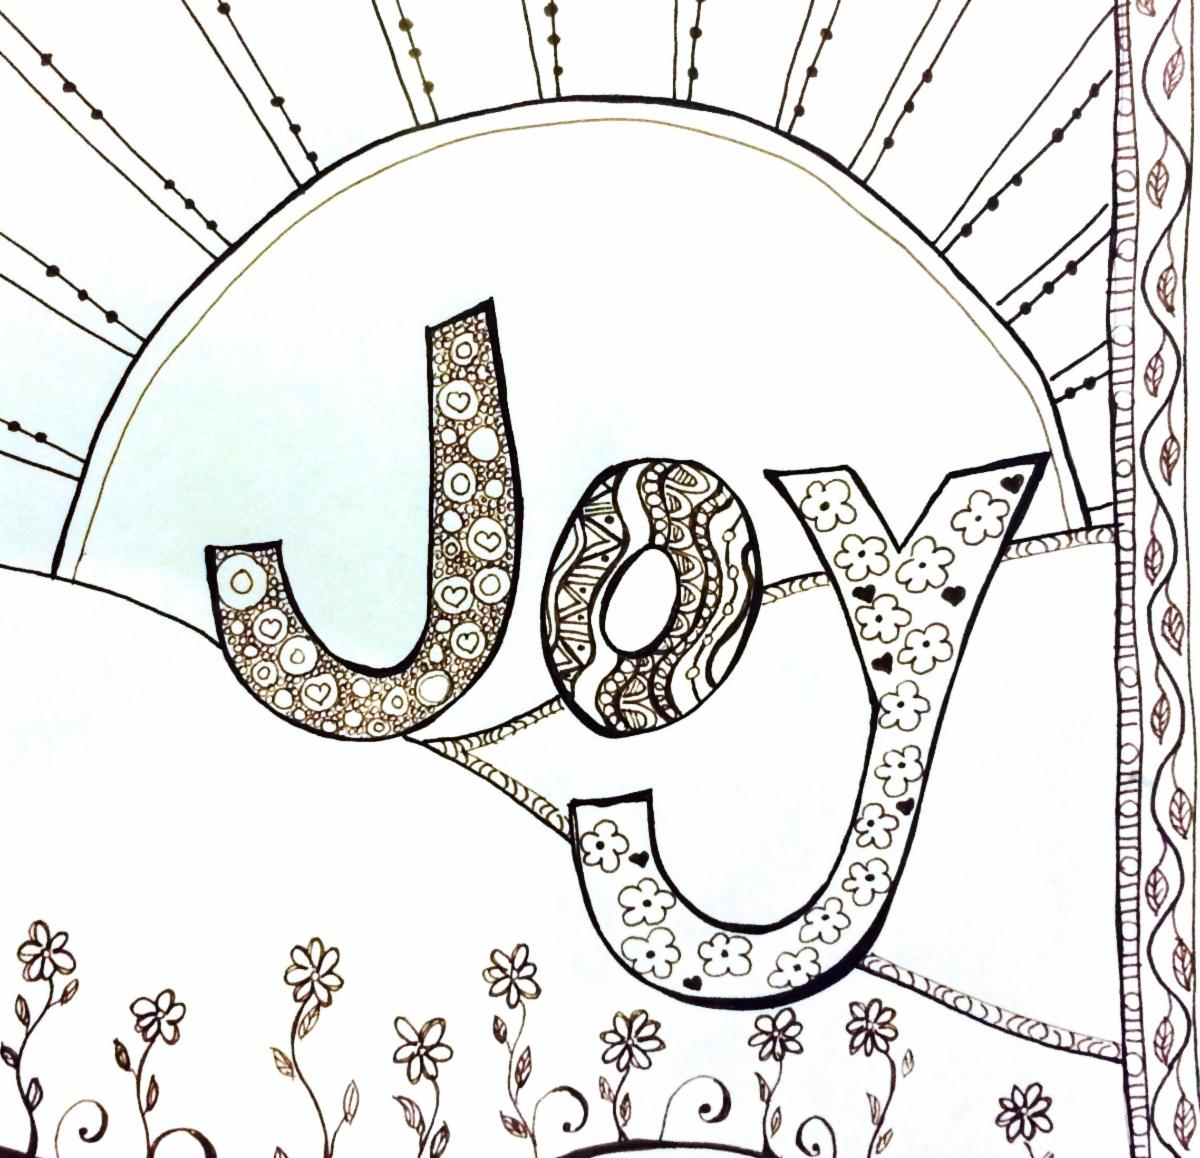 joy 1.jpeg